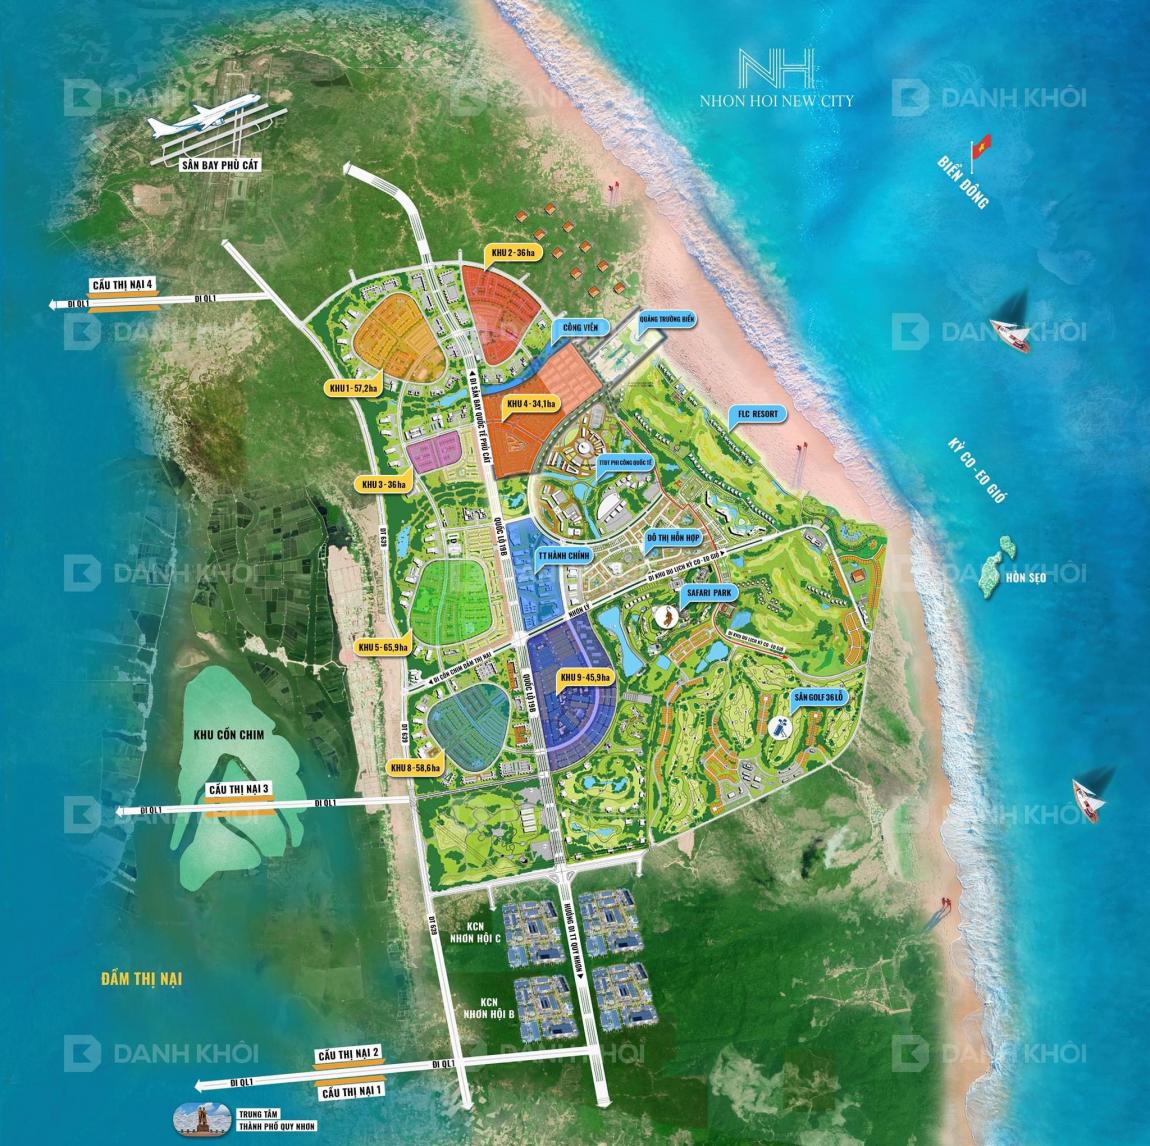 Giao thông kết nối dự án Takashi Ocean Suite